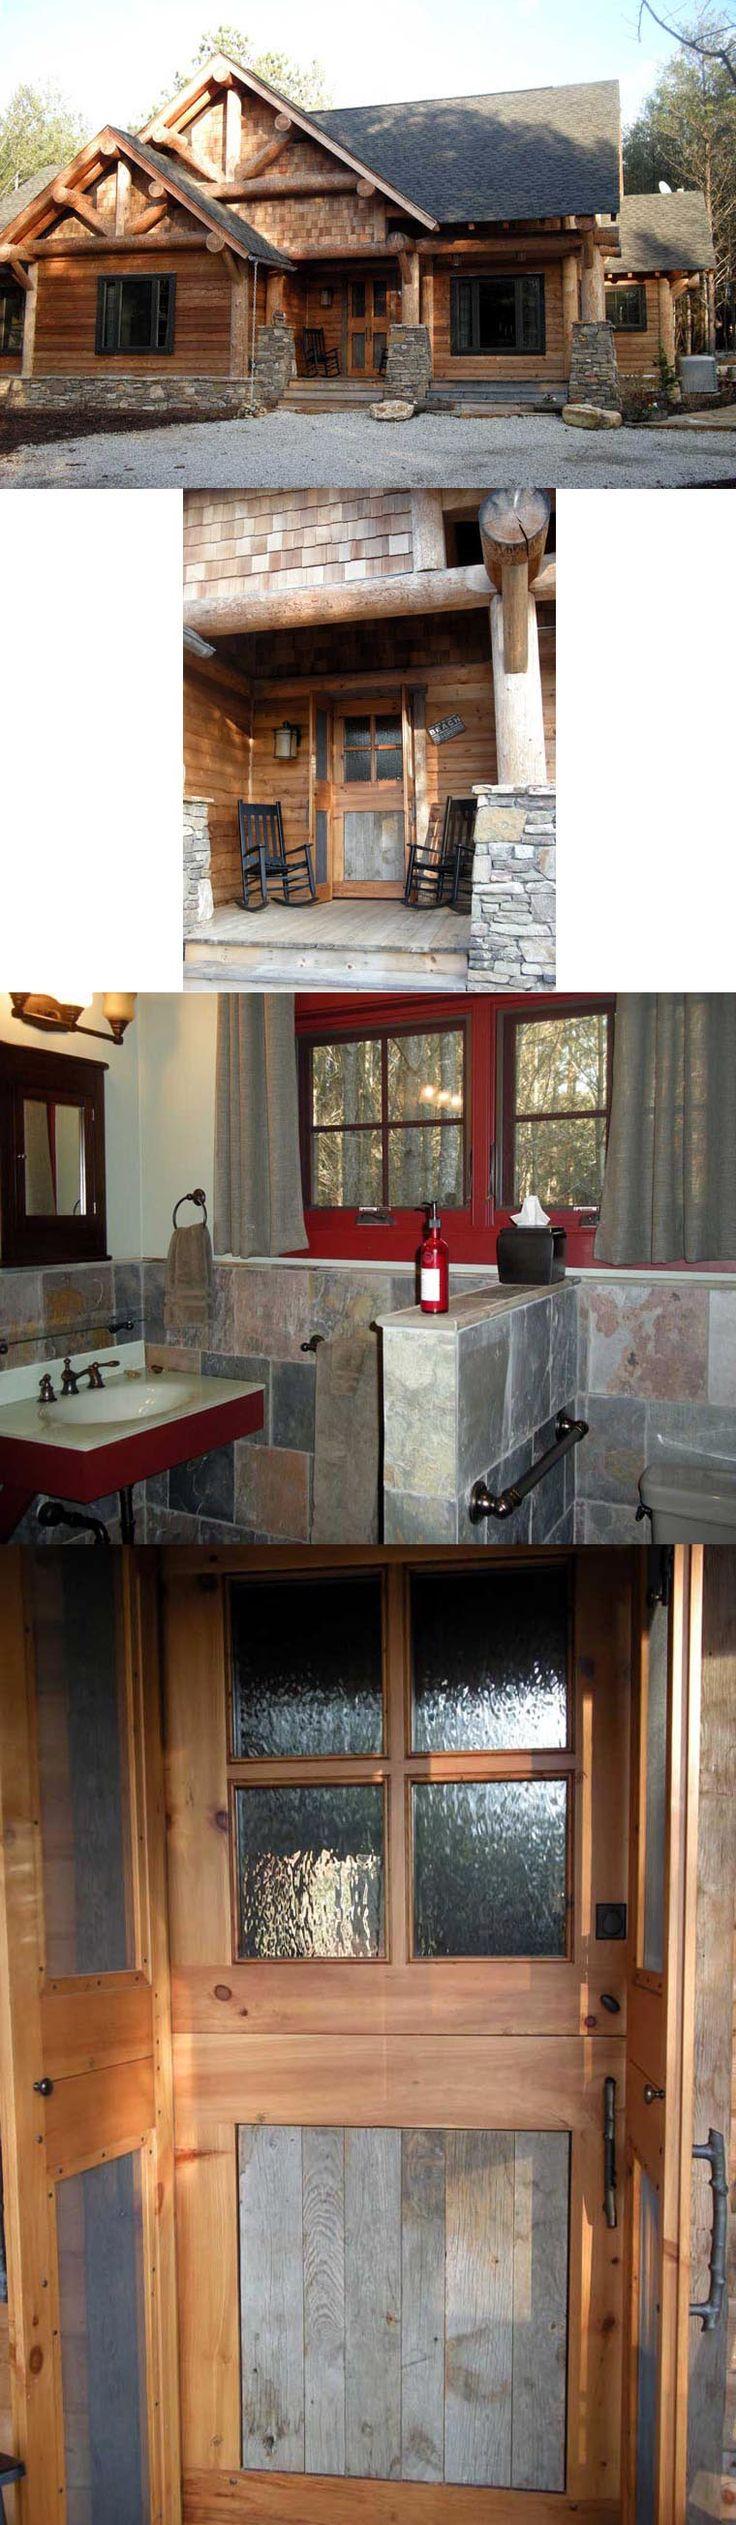 best 25 log cabin house plans ideas on pinterest cabin floor